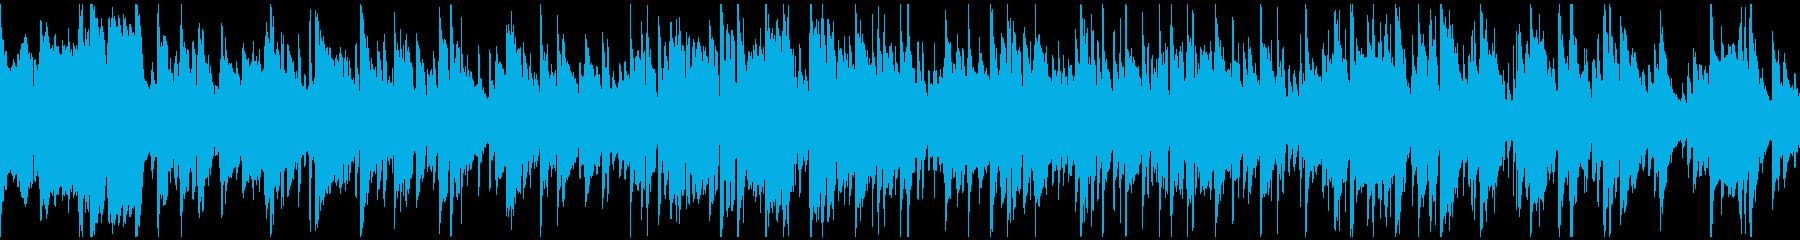 ドリームポップ風味なサックス ※ループ版の再生済みの波形